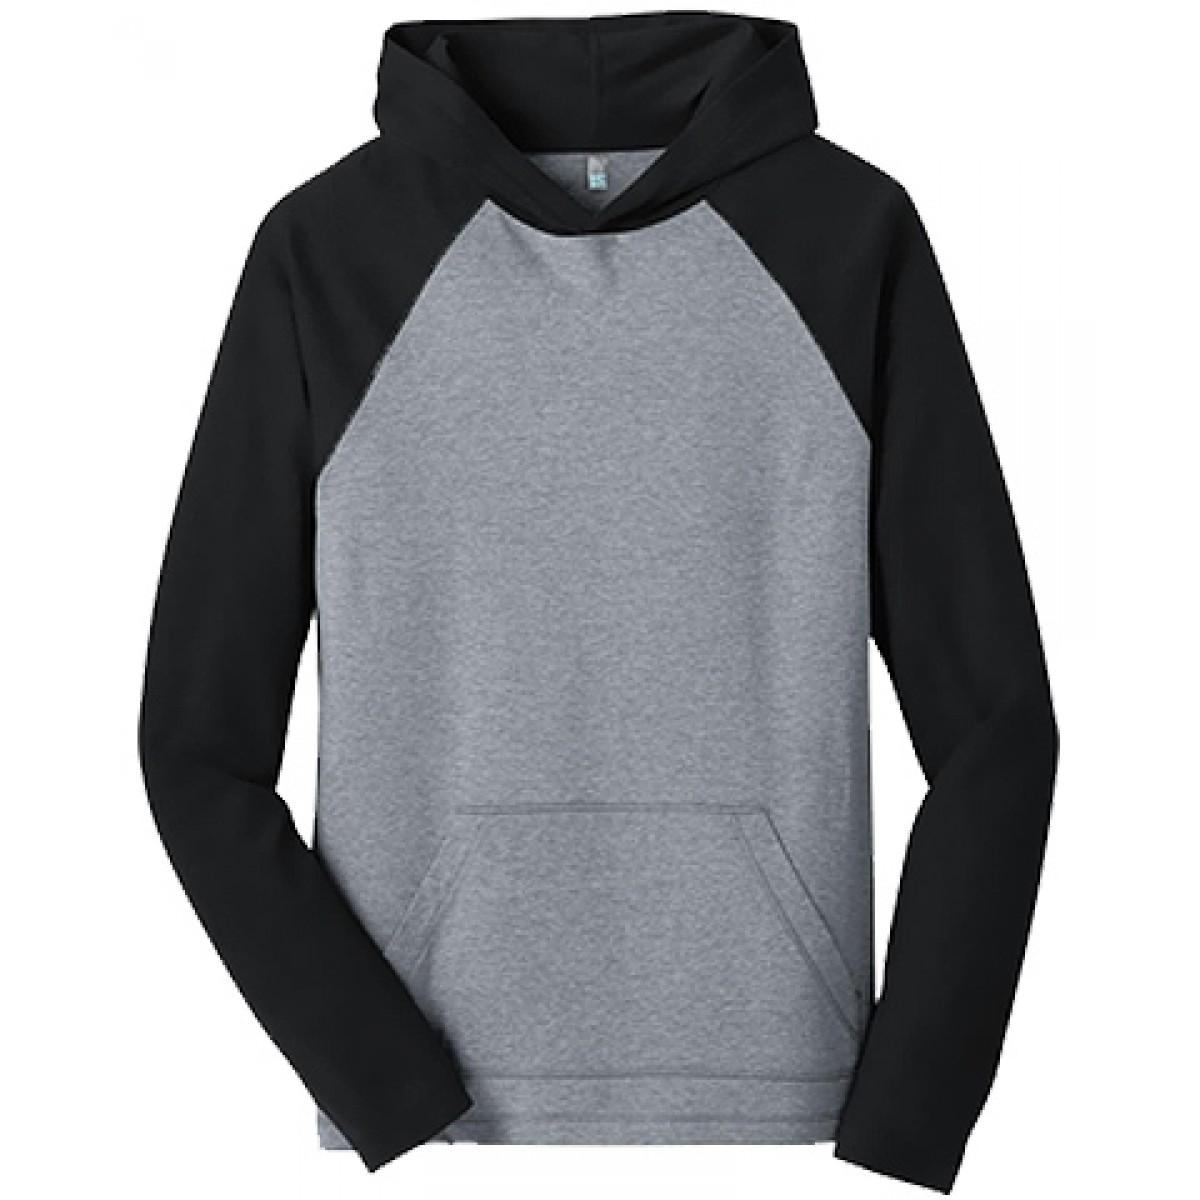 50/50 Raglan Hoodie-Gray/Black-S